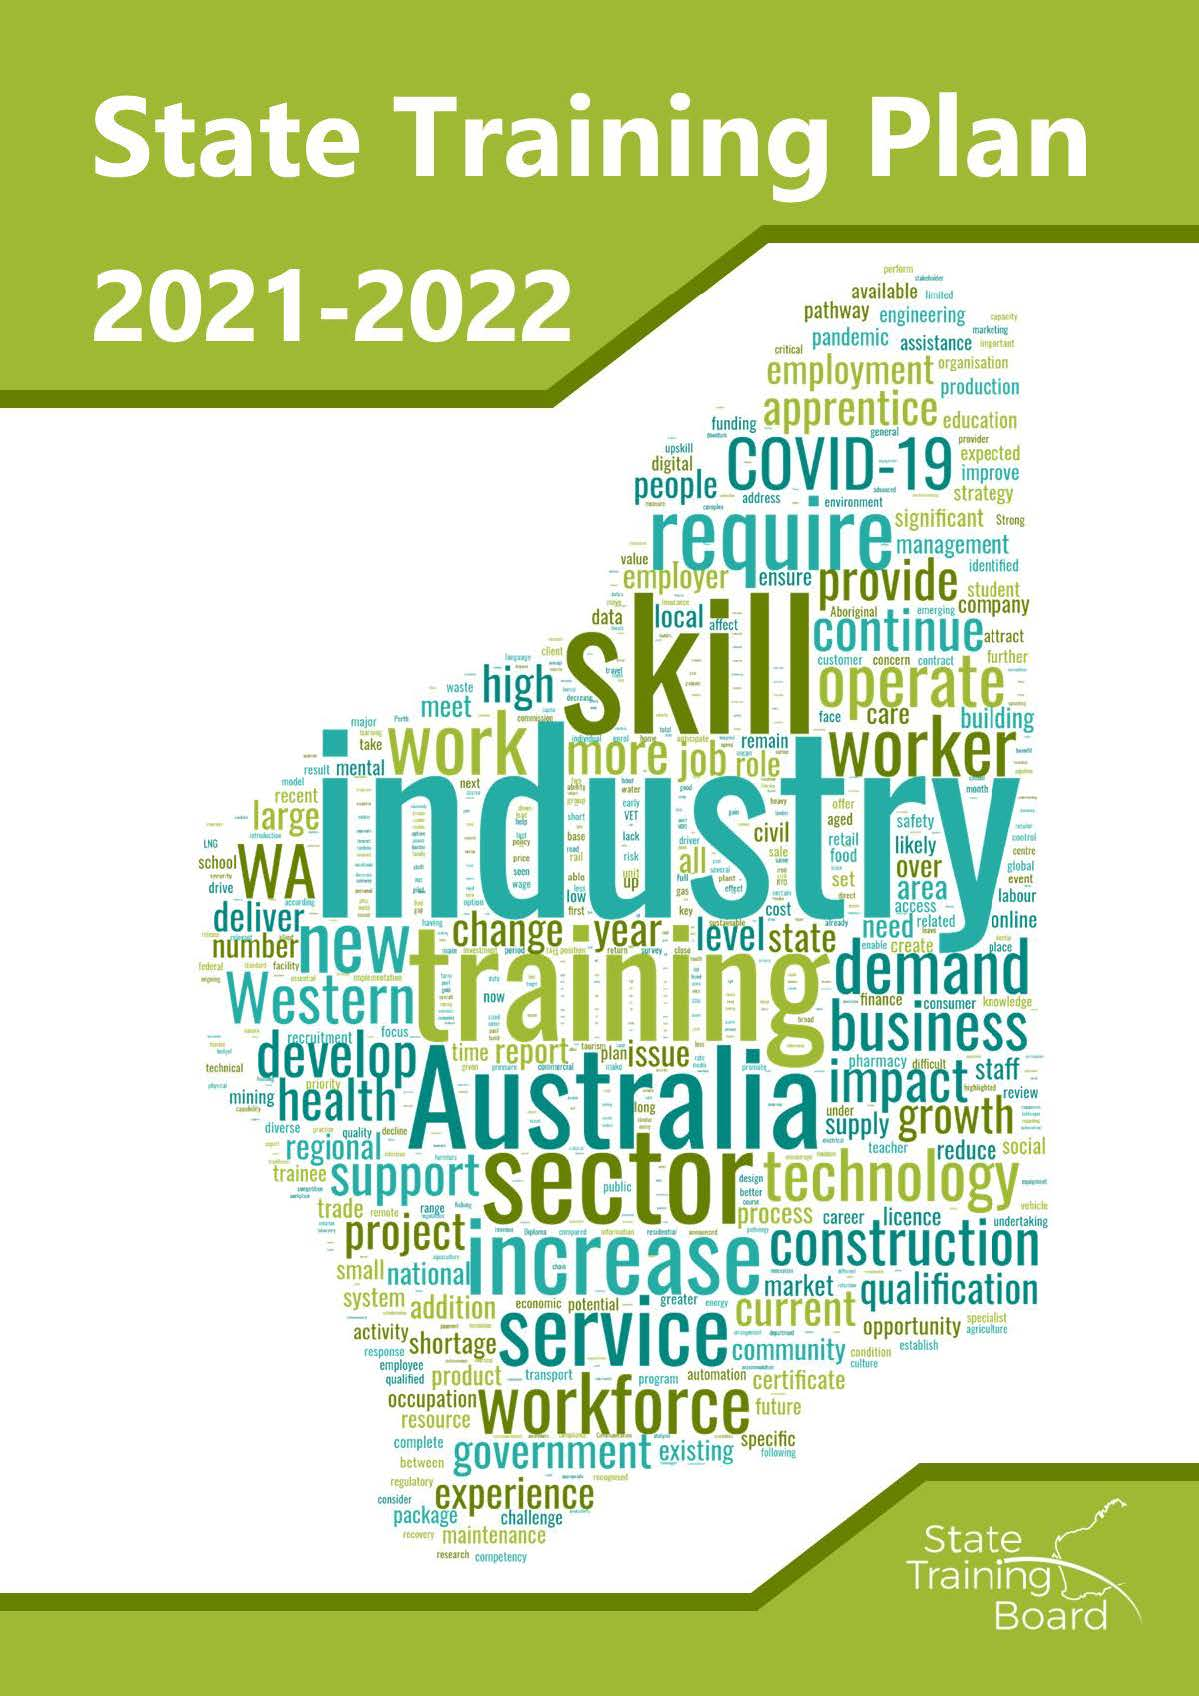 State Training Plan 2021-2022